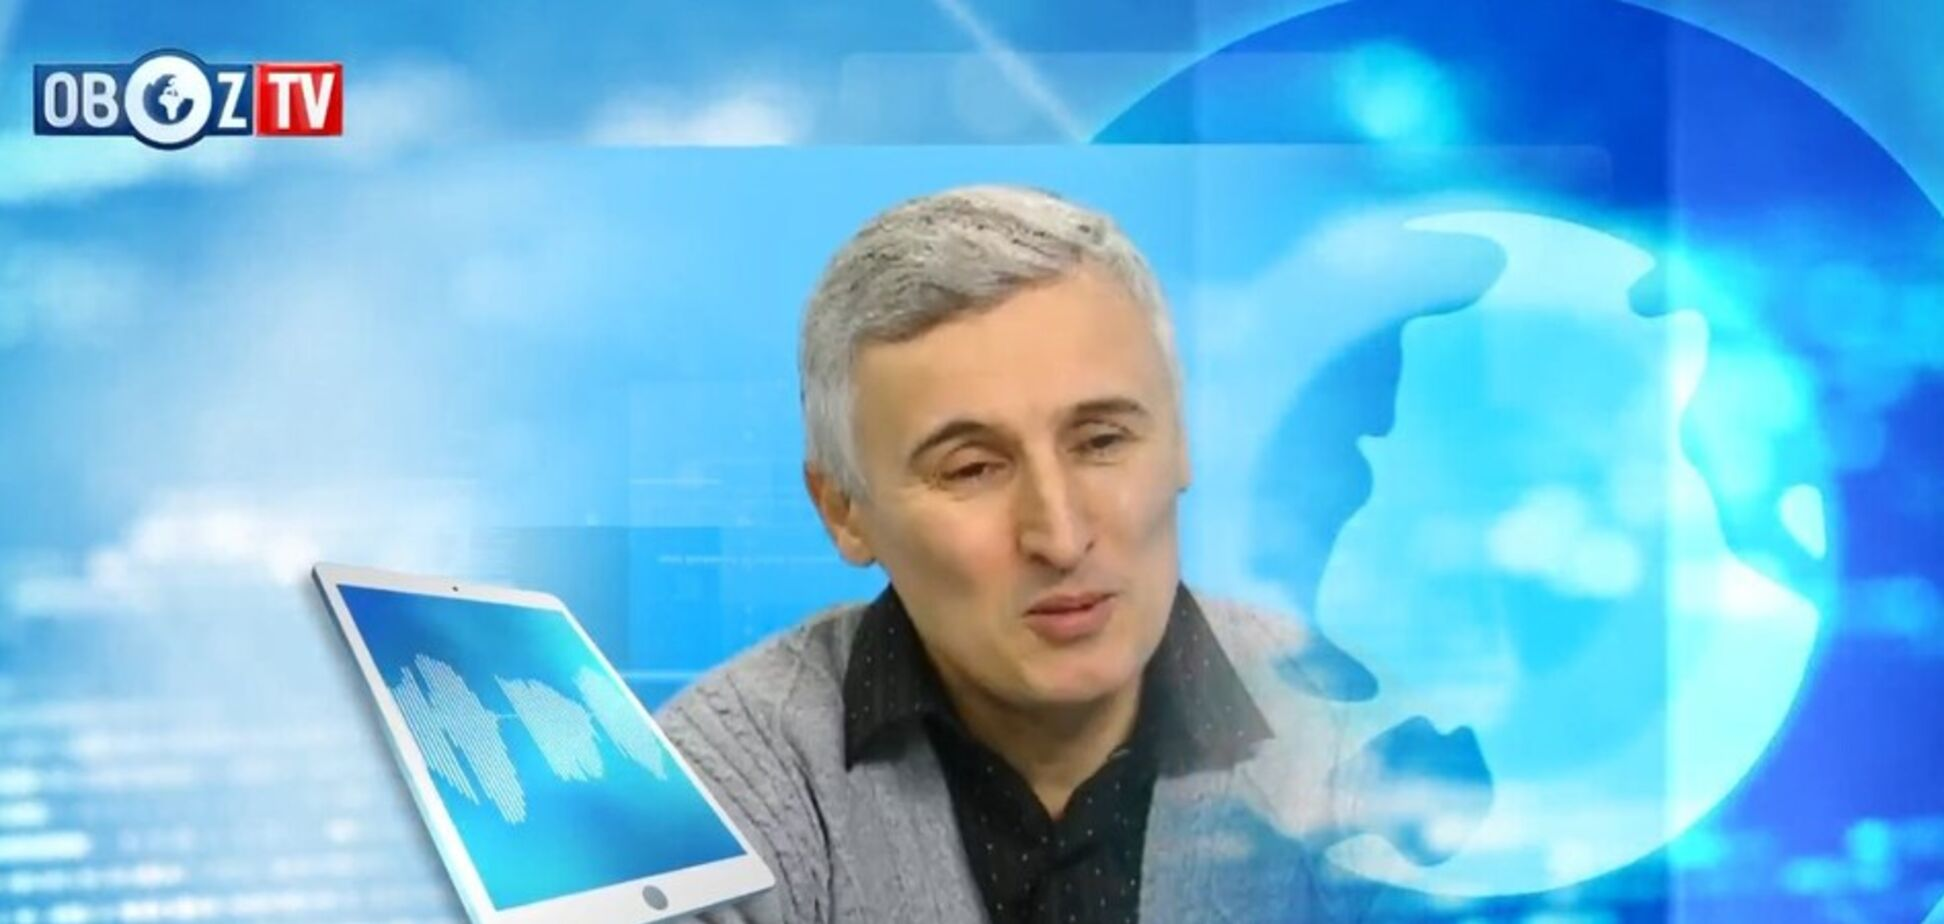 Пішла спека: синоптики дали прогноз на день виборів в Україні